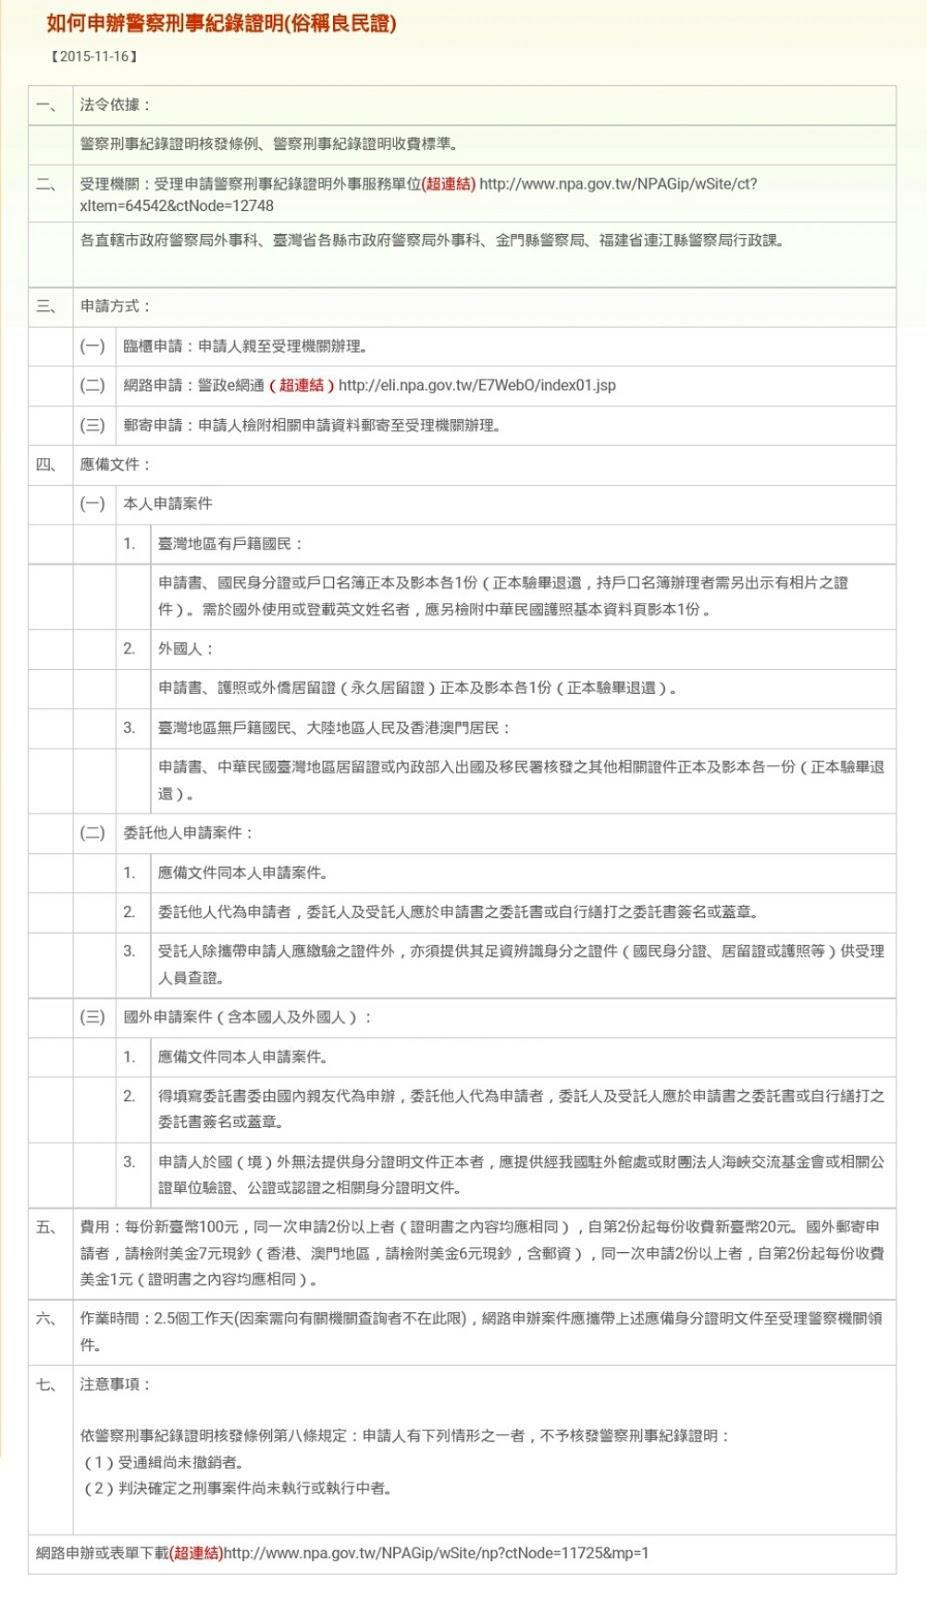 韓臺夫婦한대부부: 韓國 | 2016 臺灣無犯罪記錄證明申請